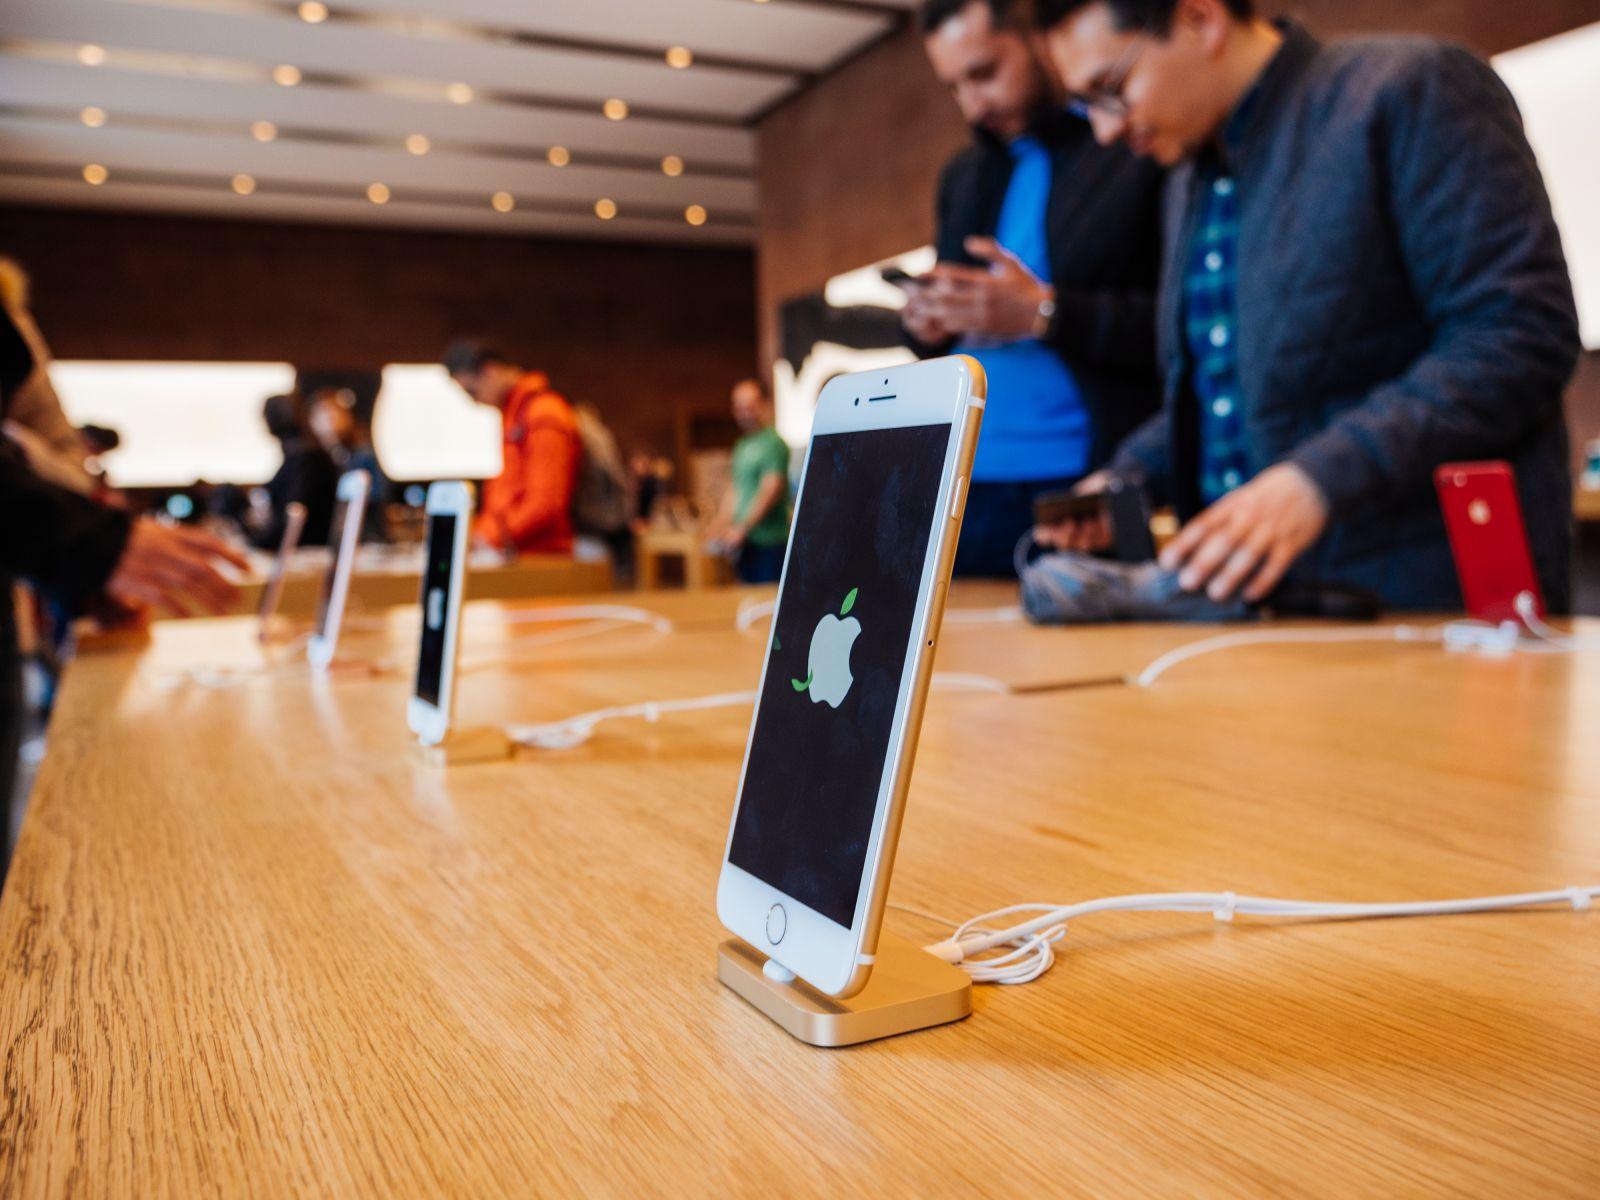 蘋果收購英特爾手機晶片 台積電笑了、聯發科卻哭了